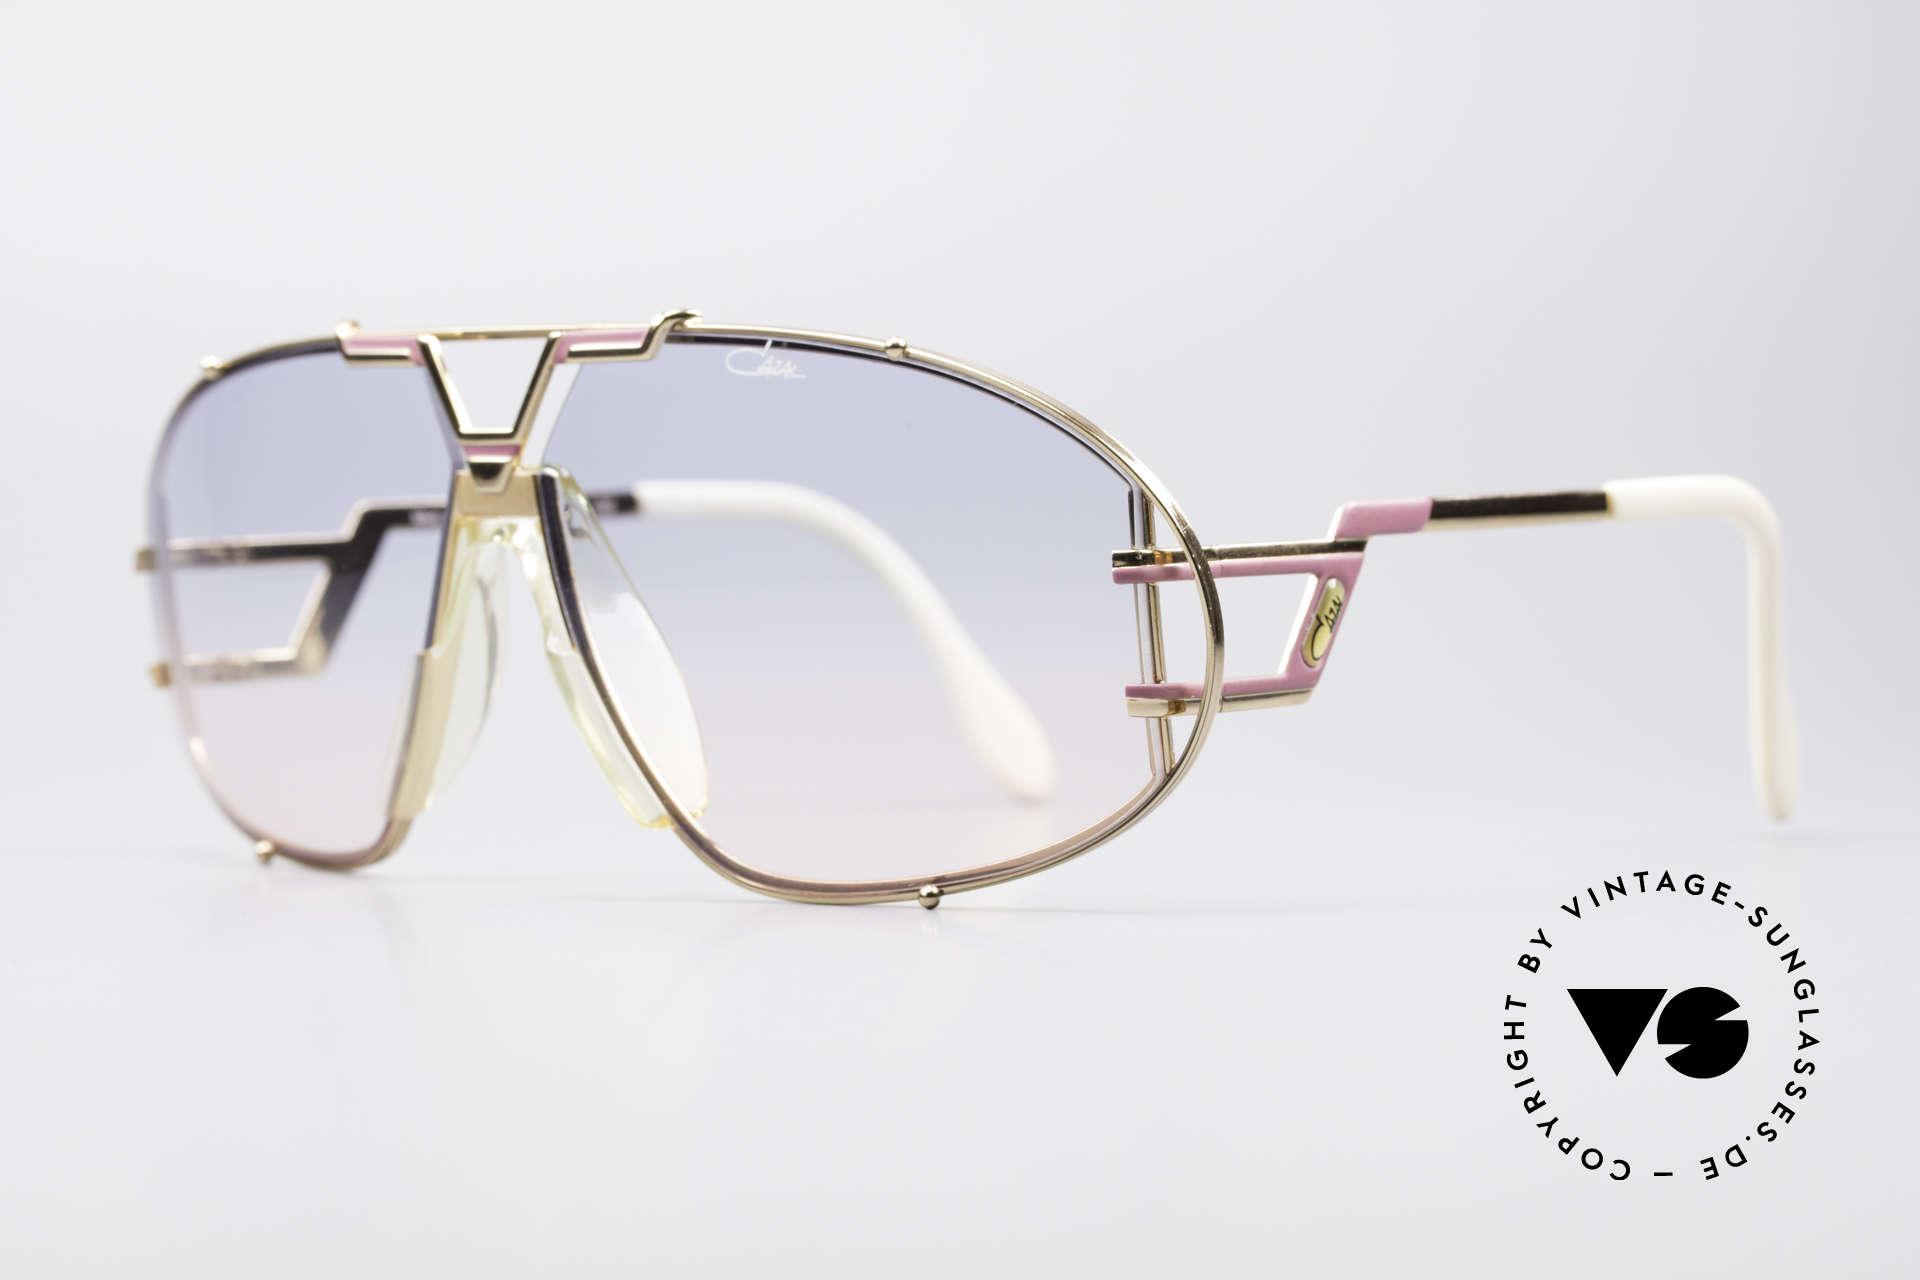 Cazal 907 Jay-Z Beyoncé Sonnenbrille, ein Sammlerstück inkl. Cazal Etui & Wechselgläsern, Passend für Herren und Damen